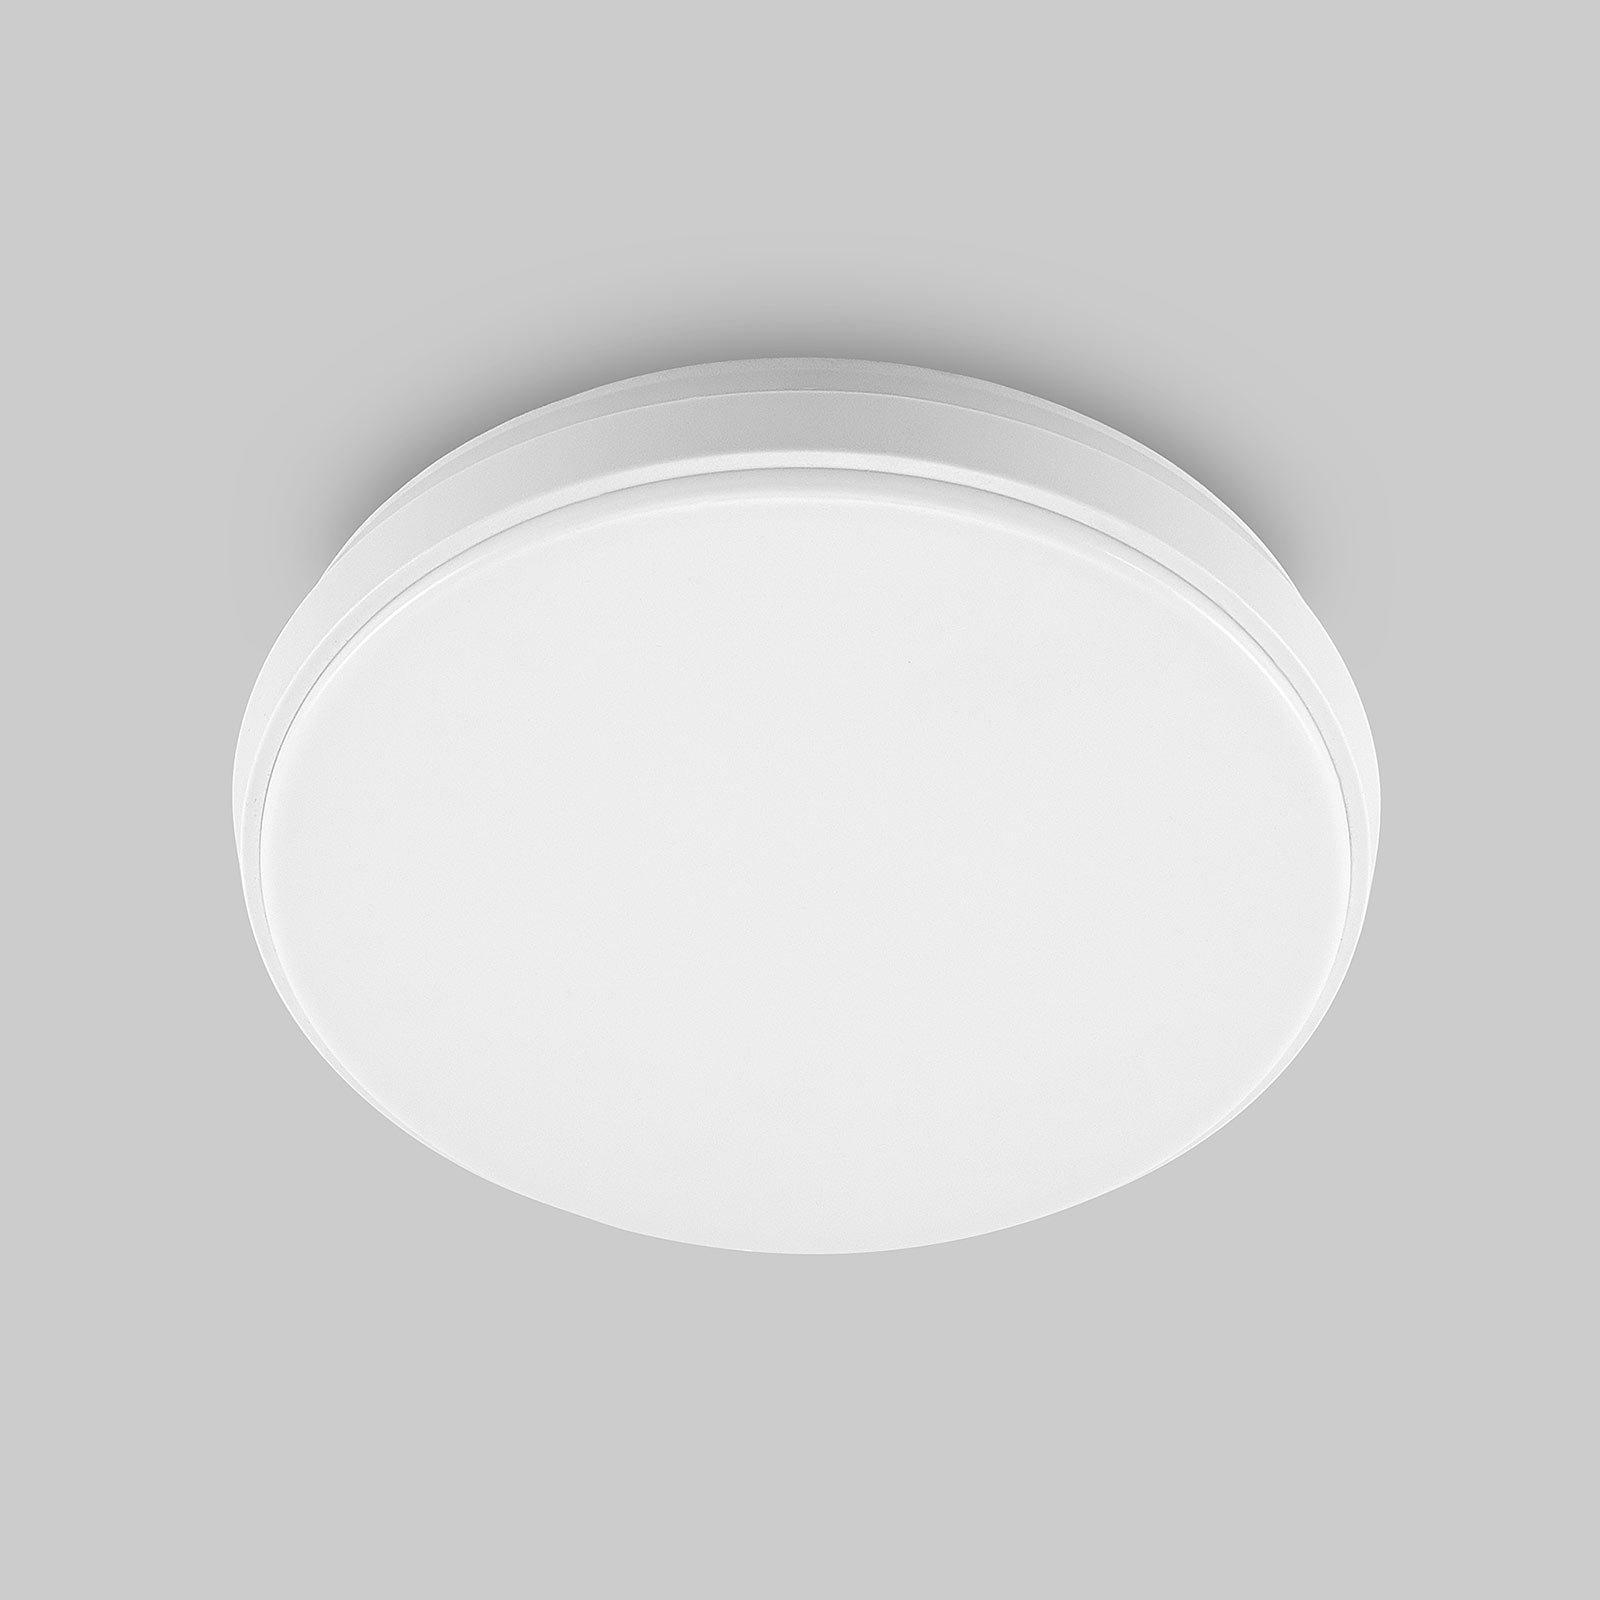 Arcchio Brady LED-taklampe, hvit, rund, 25 cm